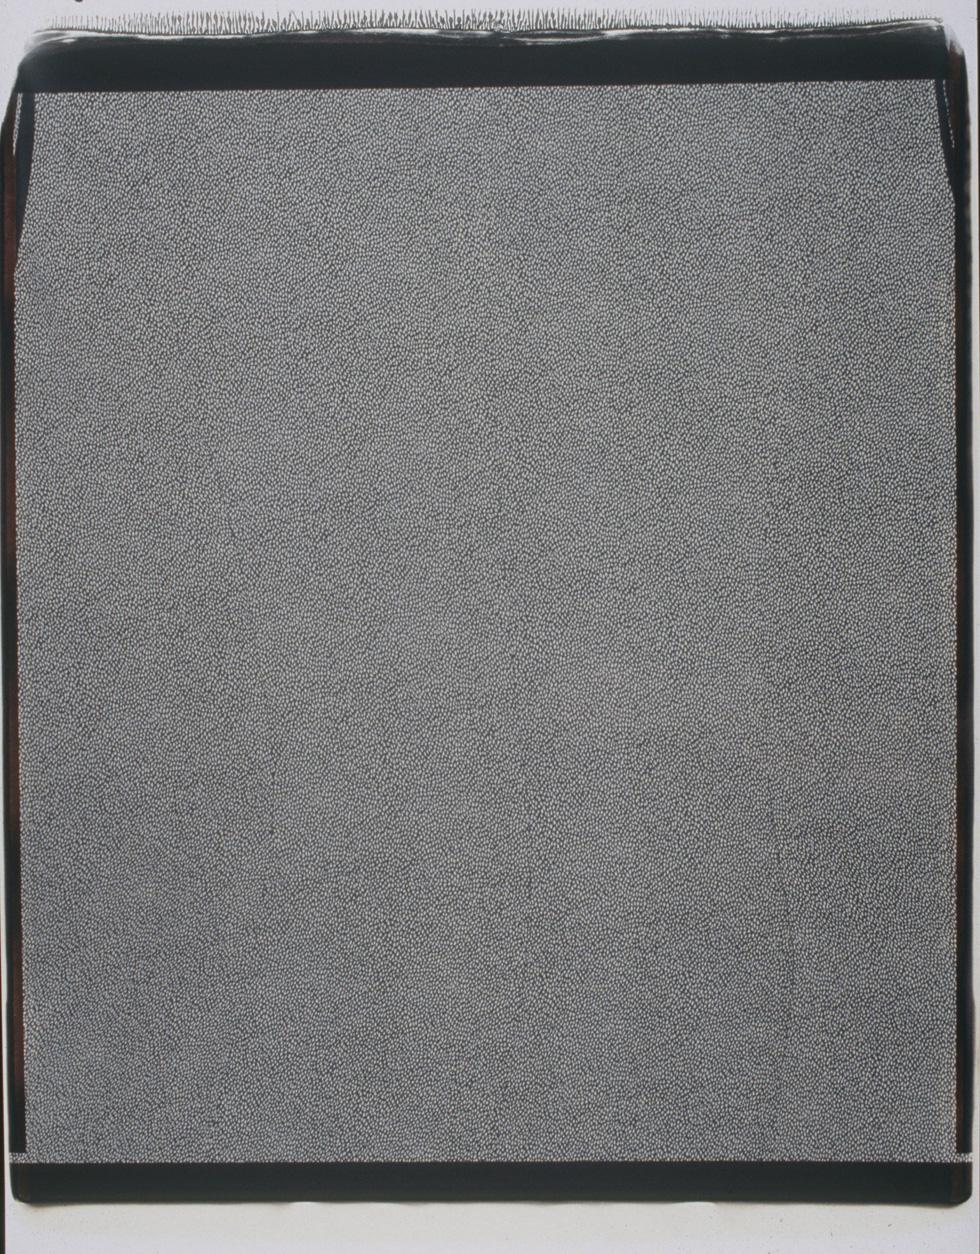 polaroid_20x24